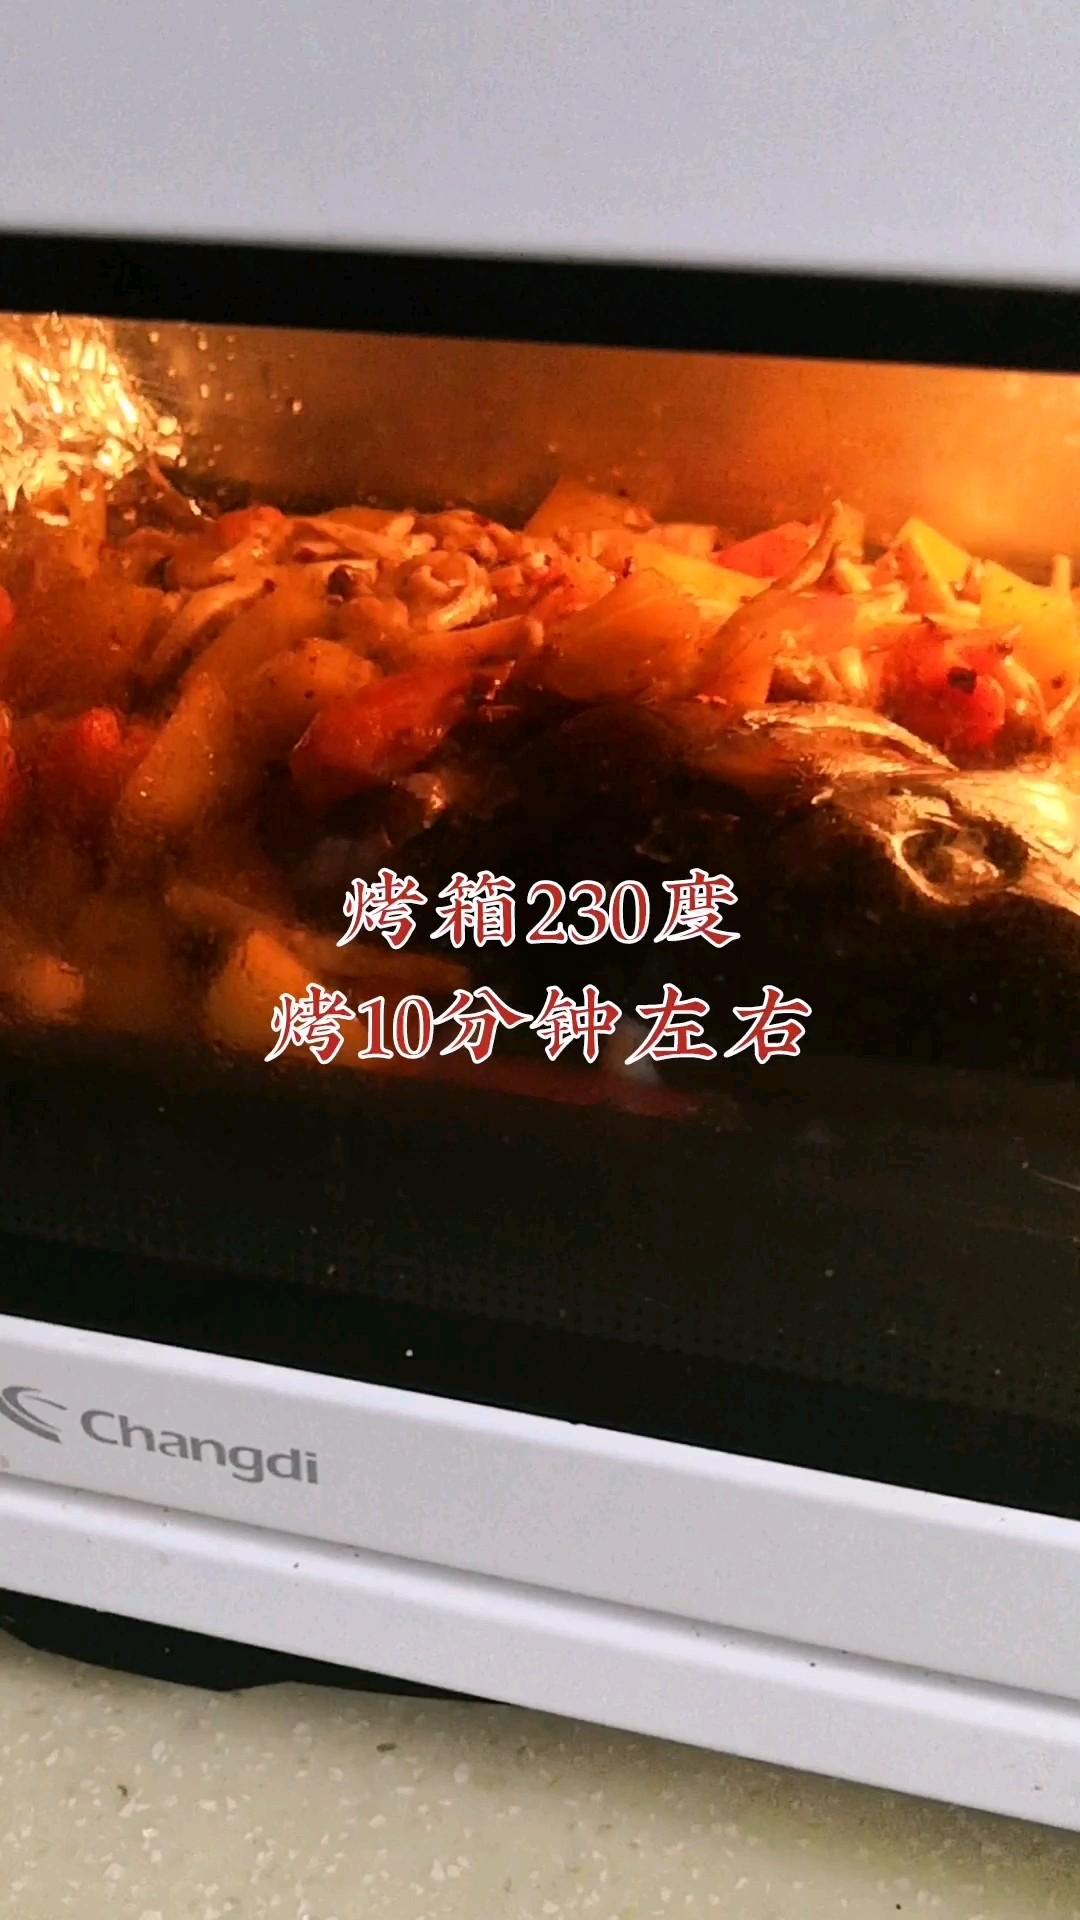 鲜辣够味儿的烤鱼的简单做法